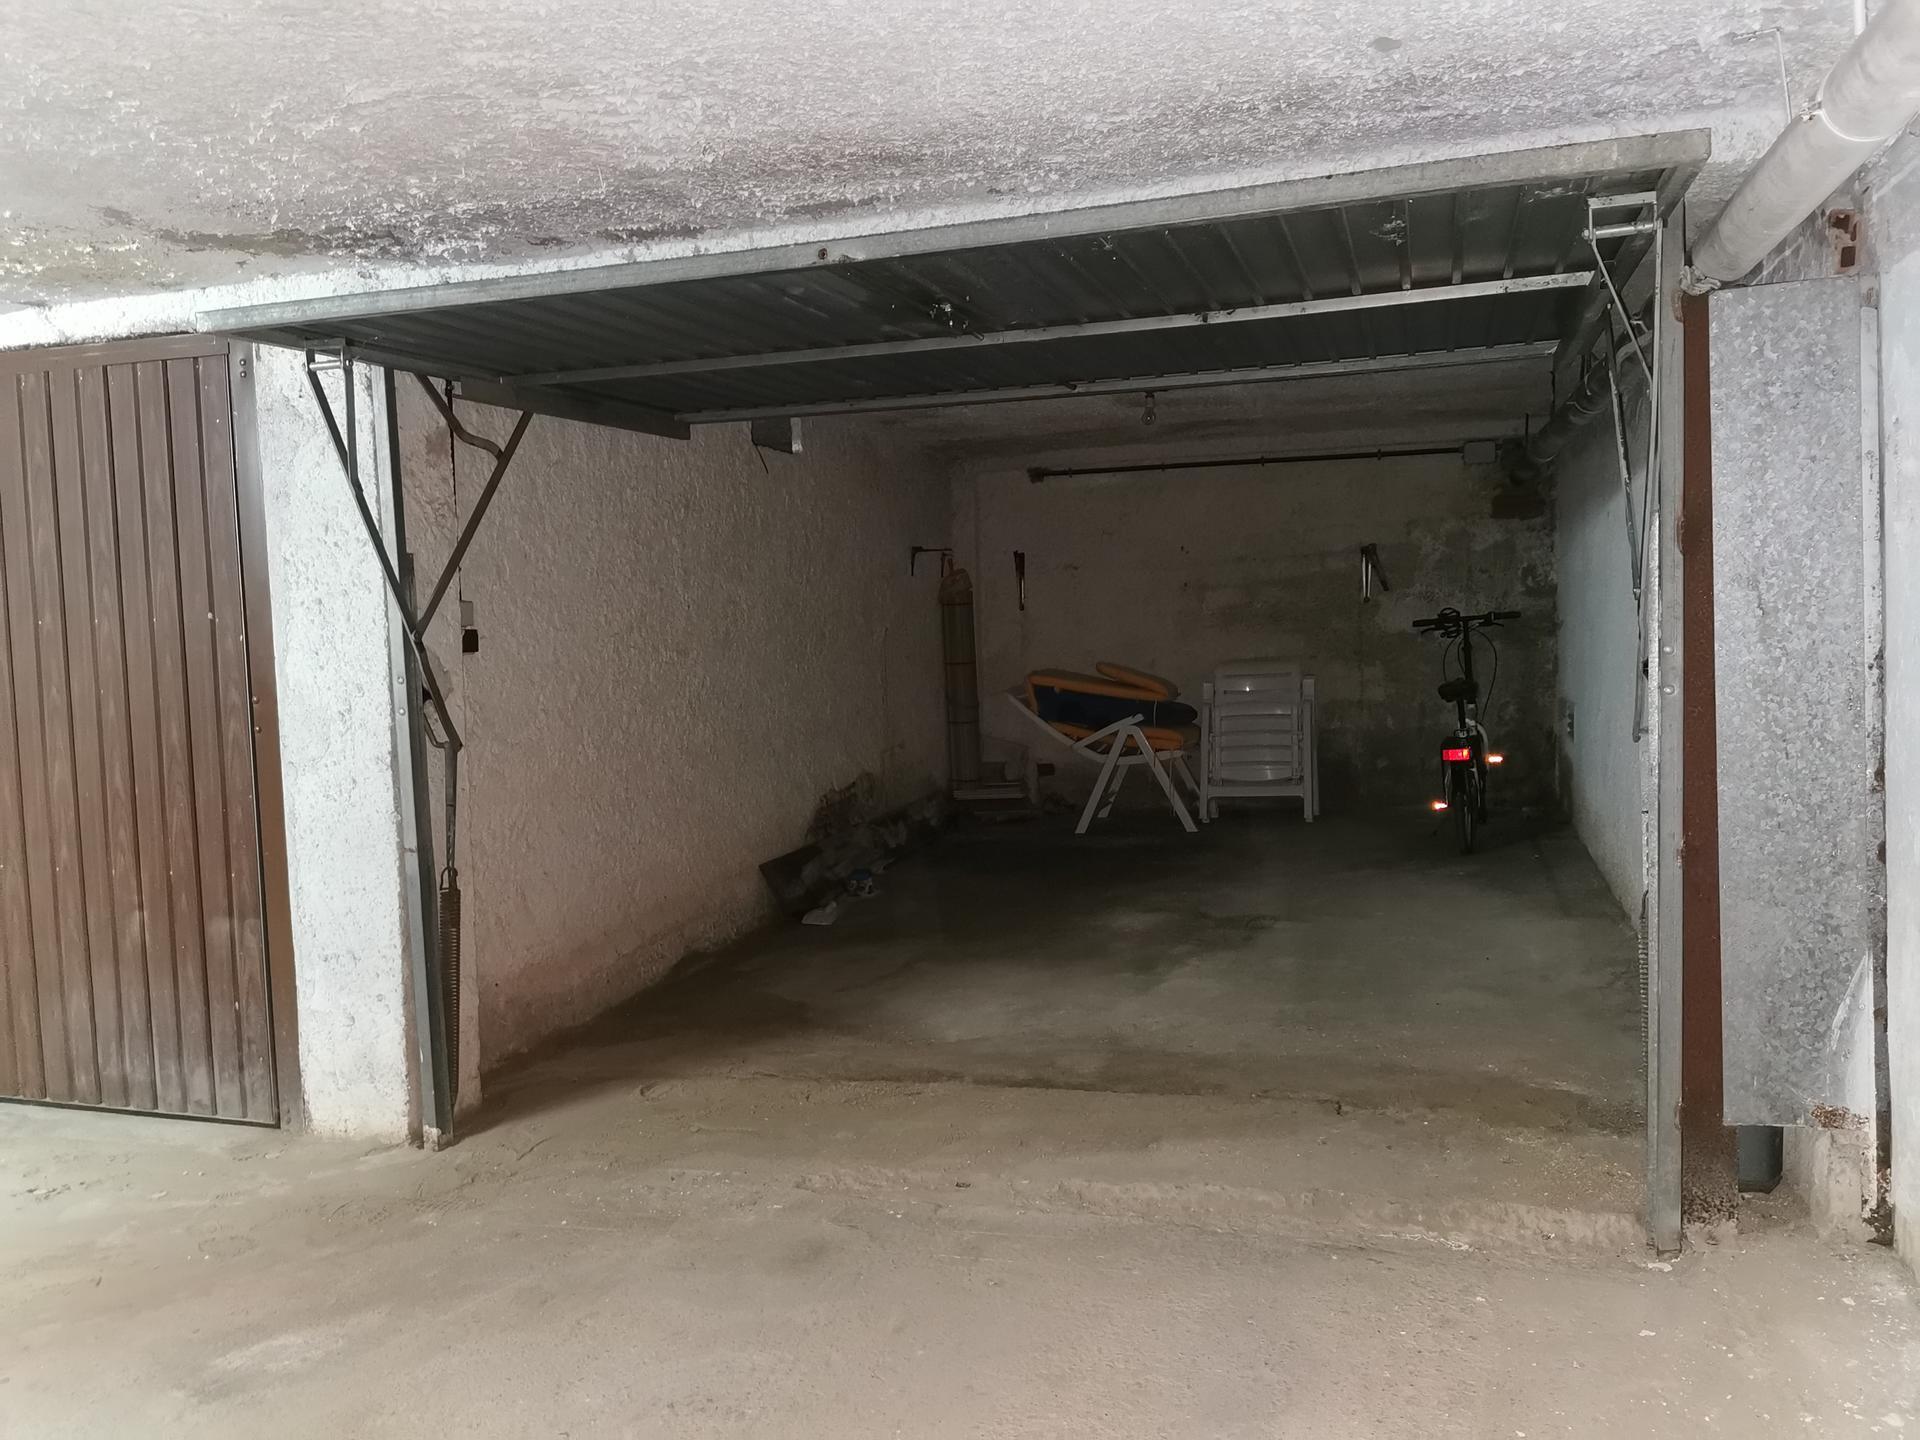 Pàrking -                                       Cambrils -                                       0 dormitoris -                                       0 ocupants